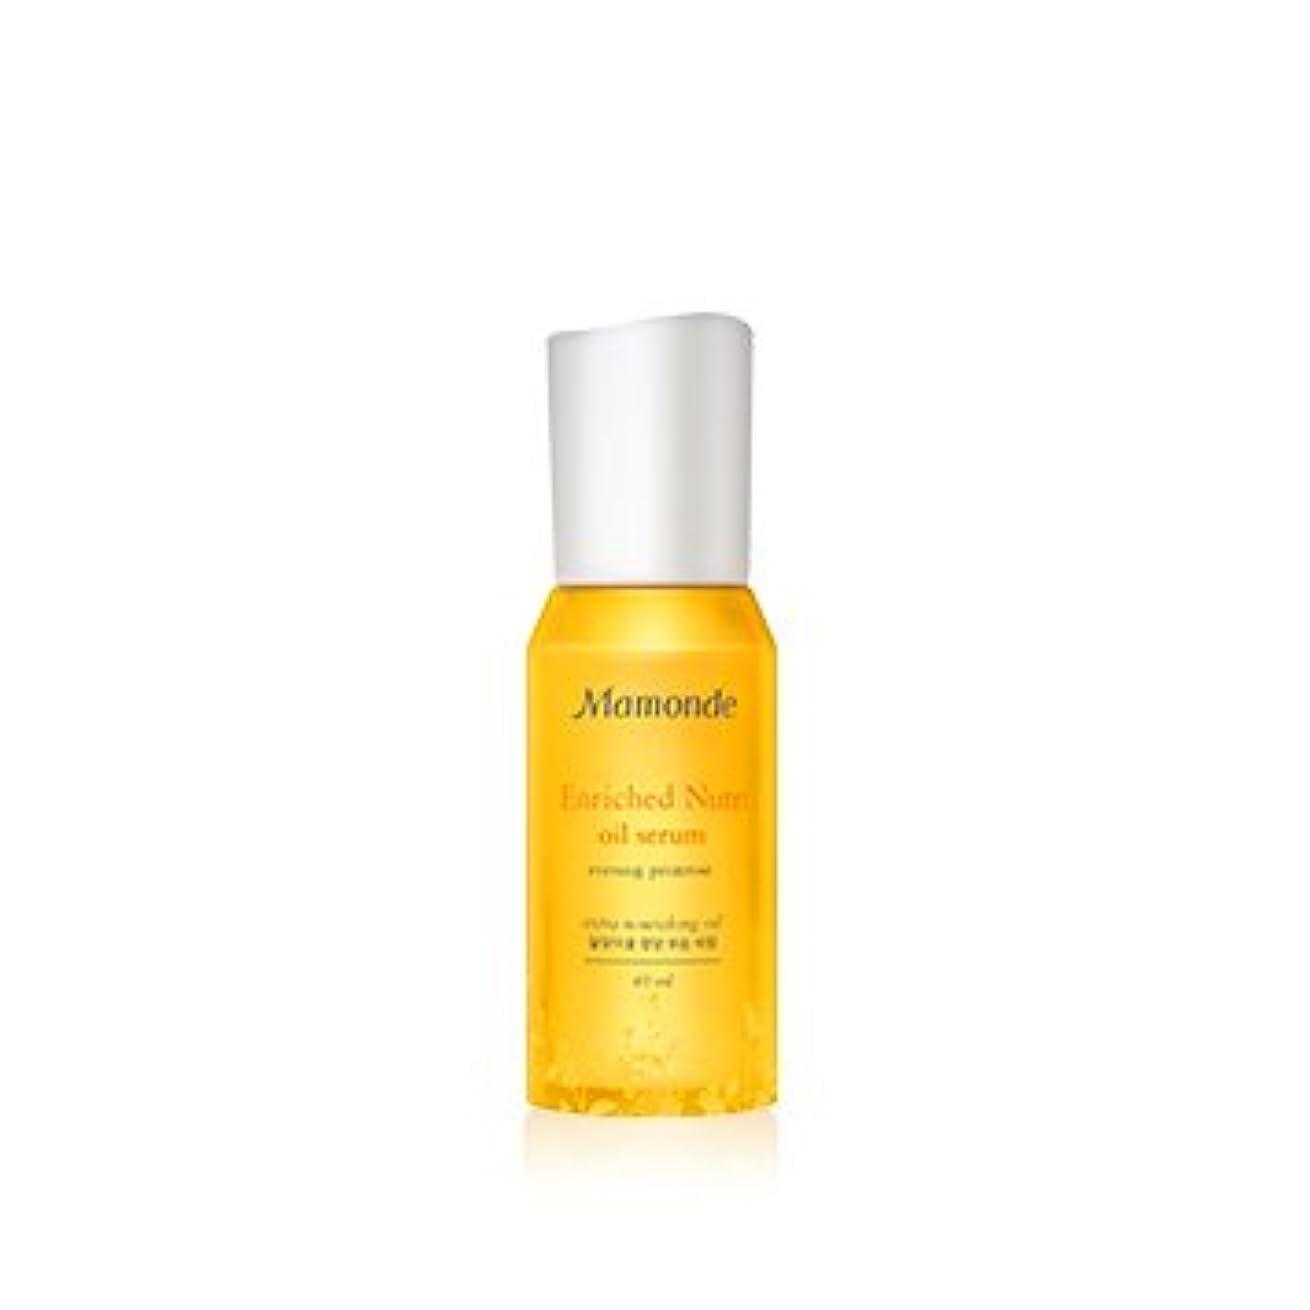 出身地弾丸新しい意味[New] Mamonde Enriched Nutri Oil Serum 40ml/マモンド エンリッチド ニュートリ オイル セラム 40ml